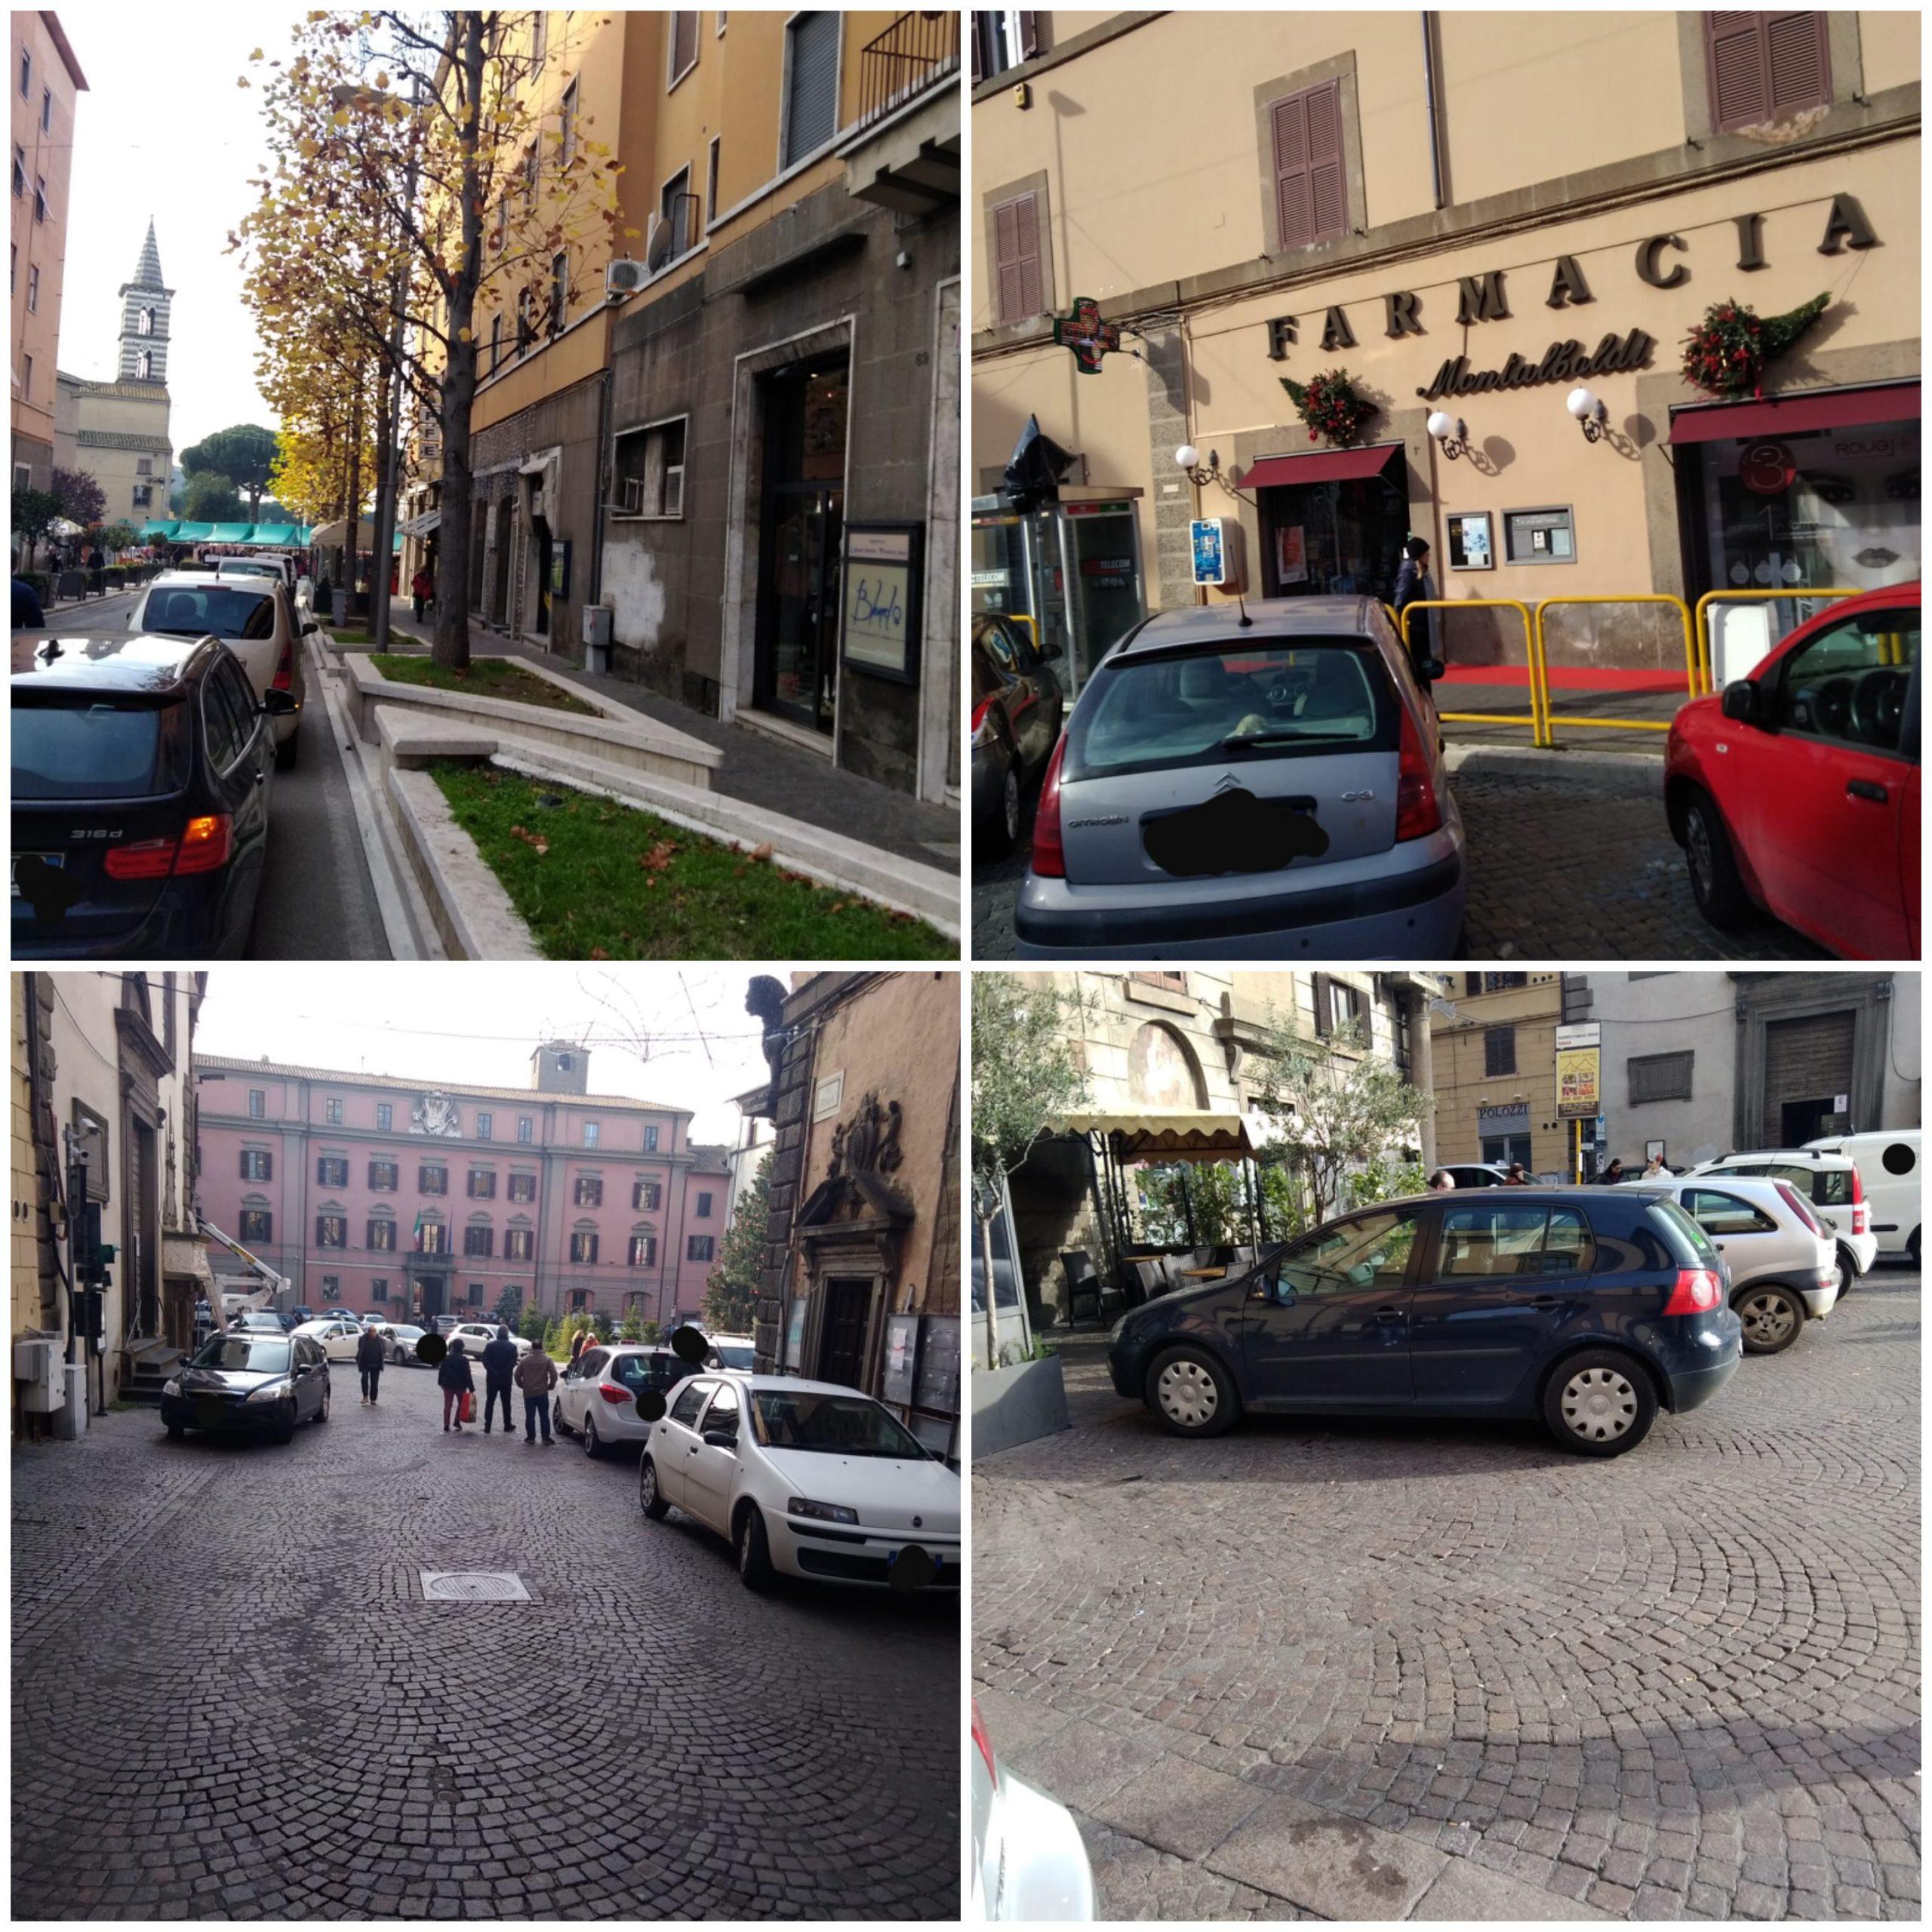 """Viterbo, Piazza del Comune """"Babele""""del parcheggio selvaggio, manca ogni senso etico  e il rispetto delle regole"""